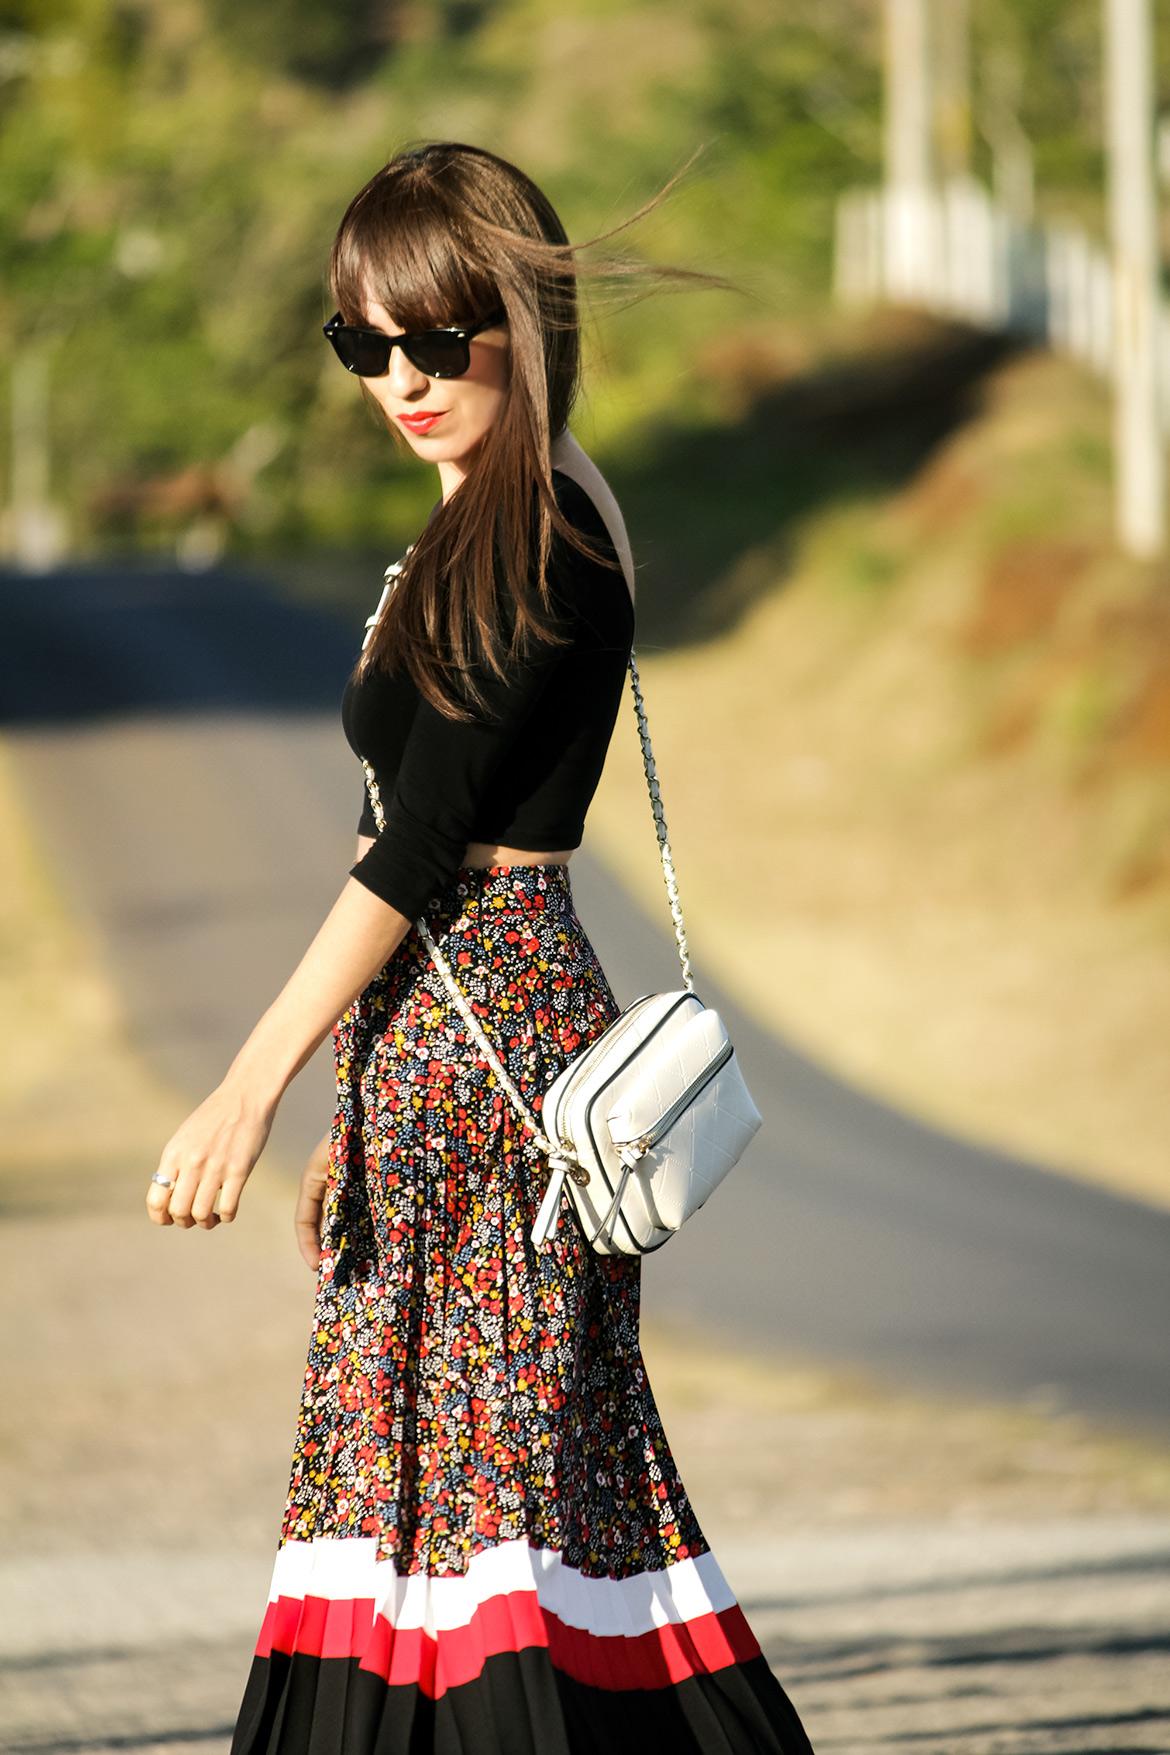 b2ab4ccc90 Falda plisada con estampado floral y rayas en look casual para el verano